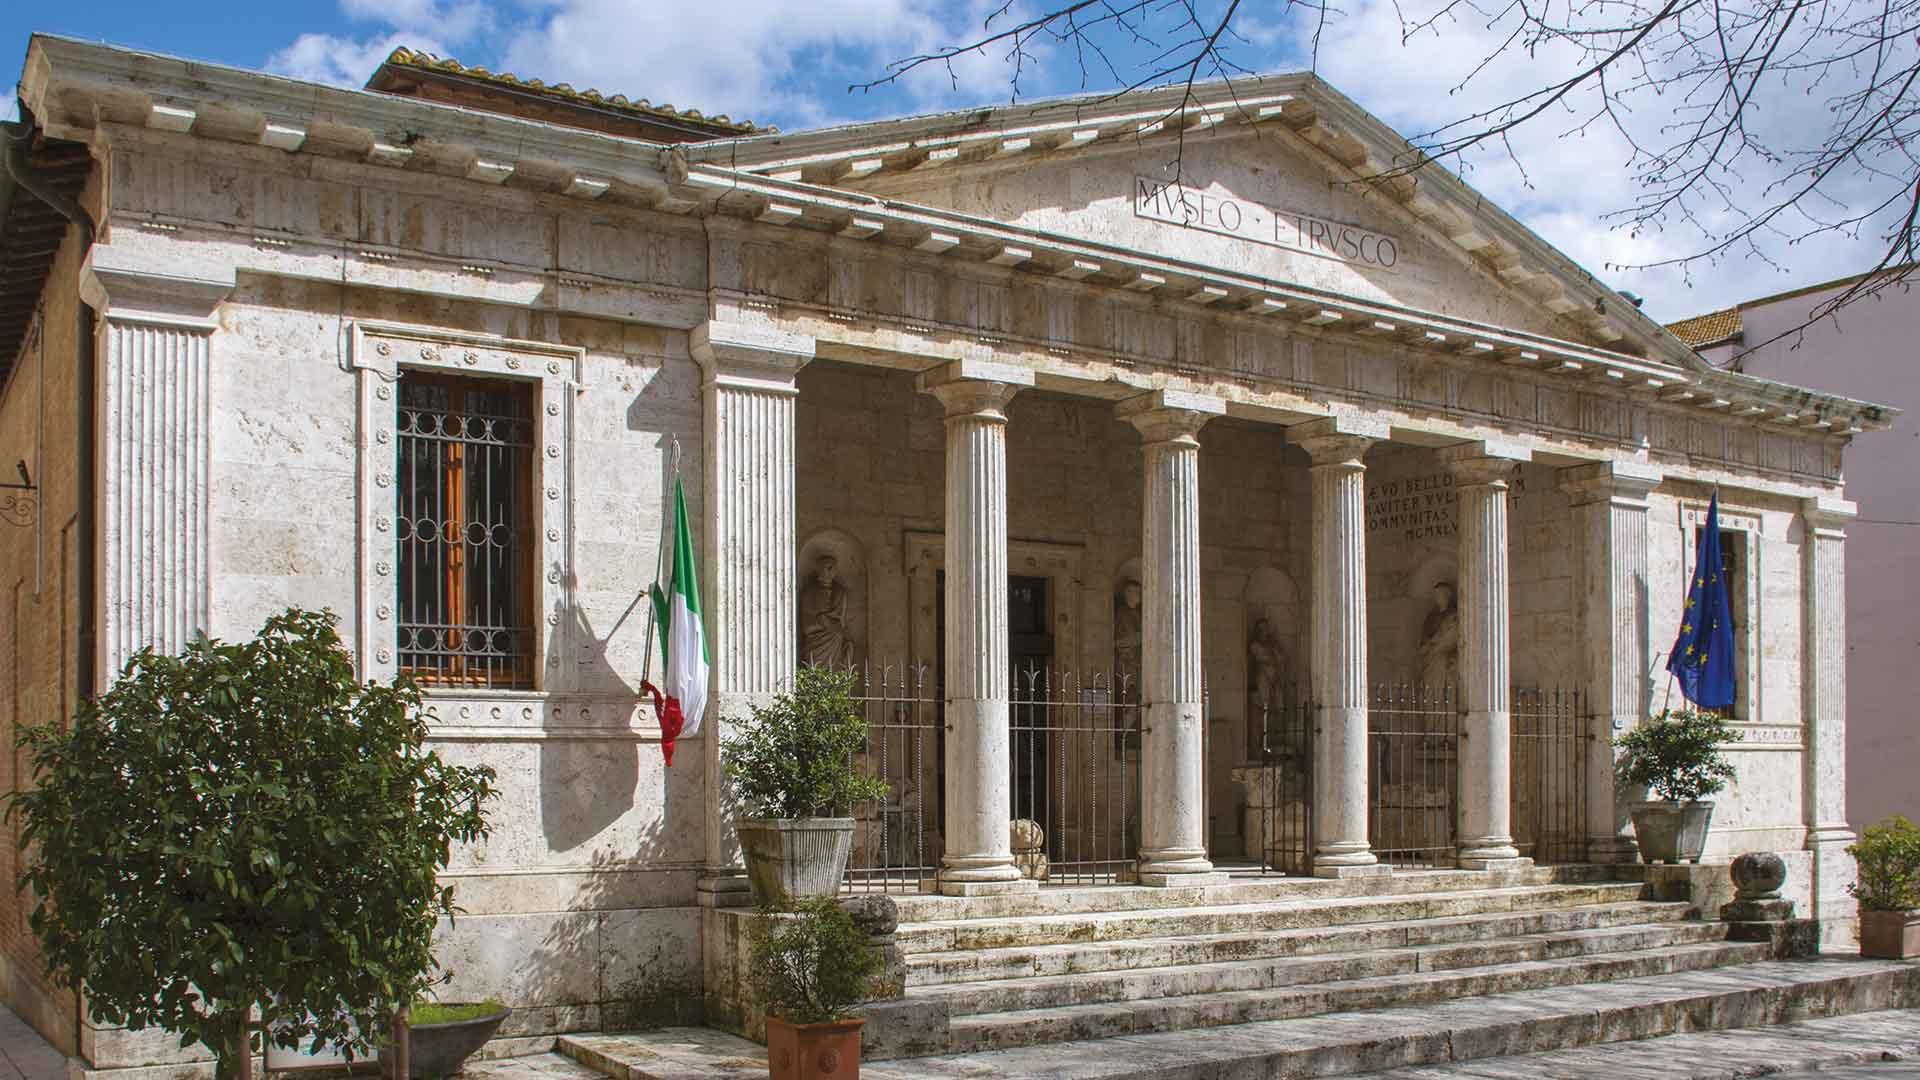 visit-chiusi_museo-nazionale-etrusco-di-chiusi_1920x1080